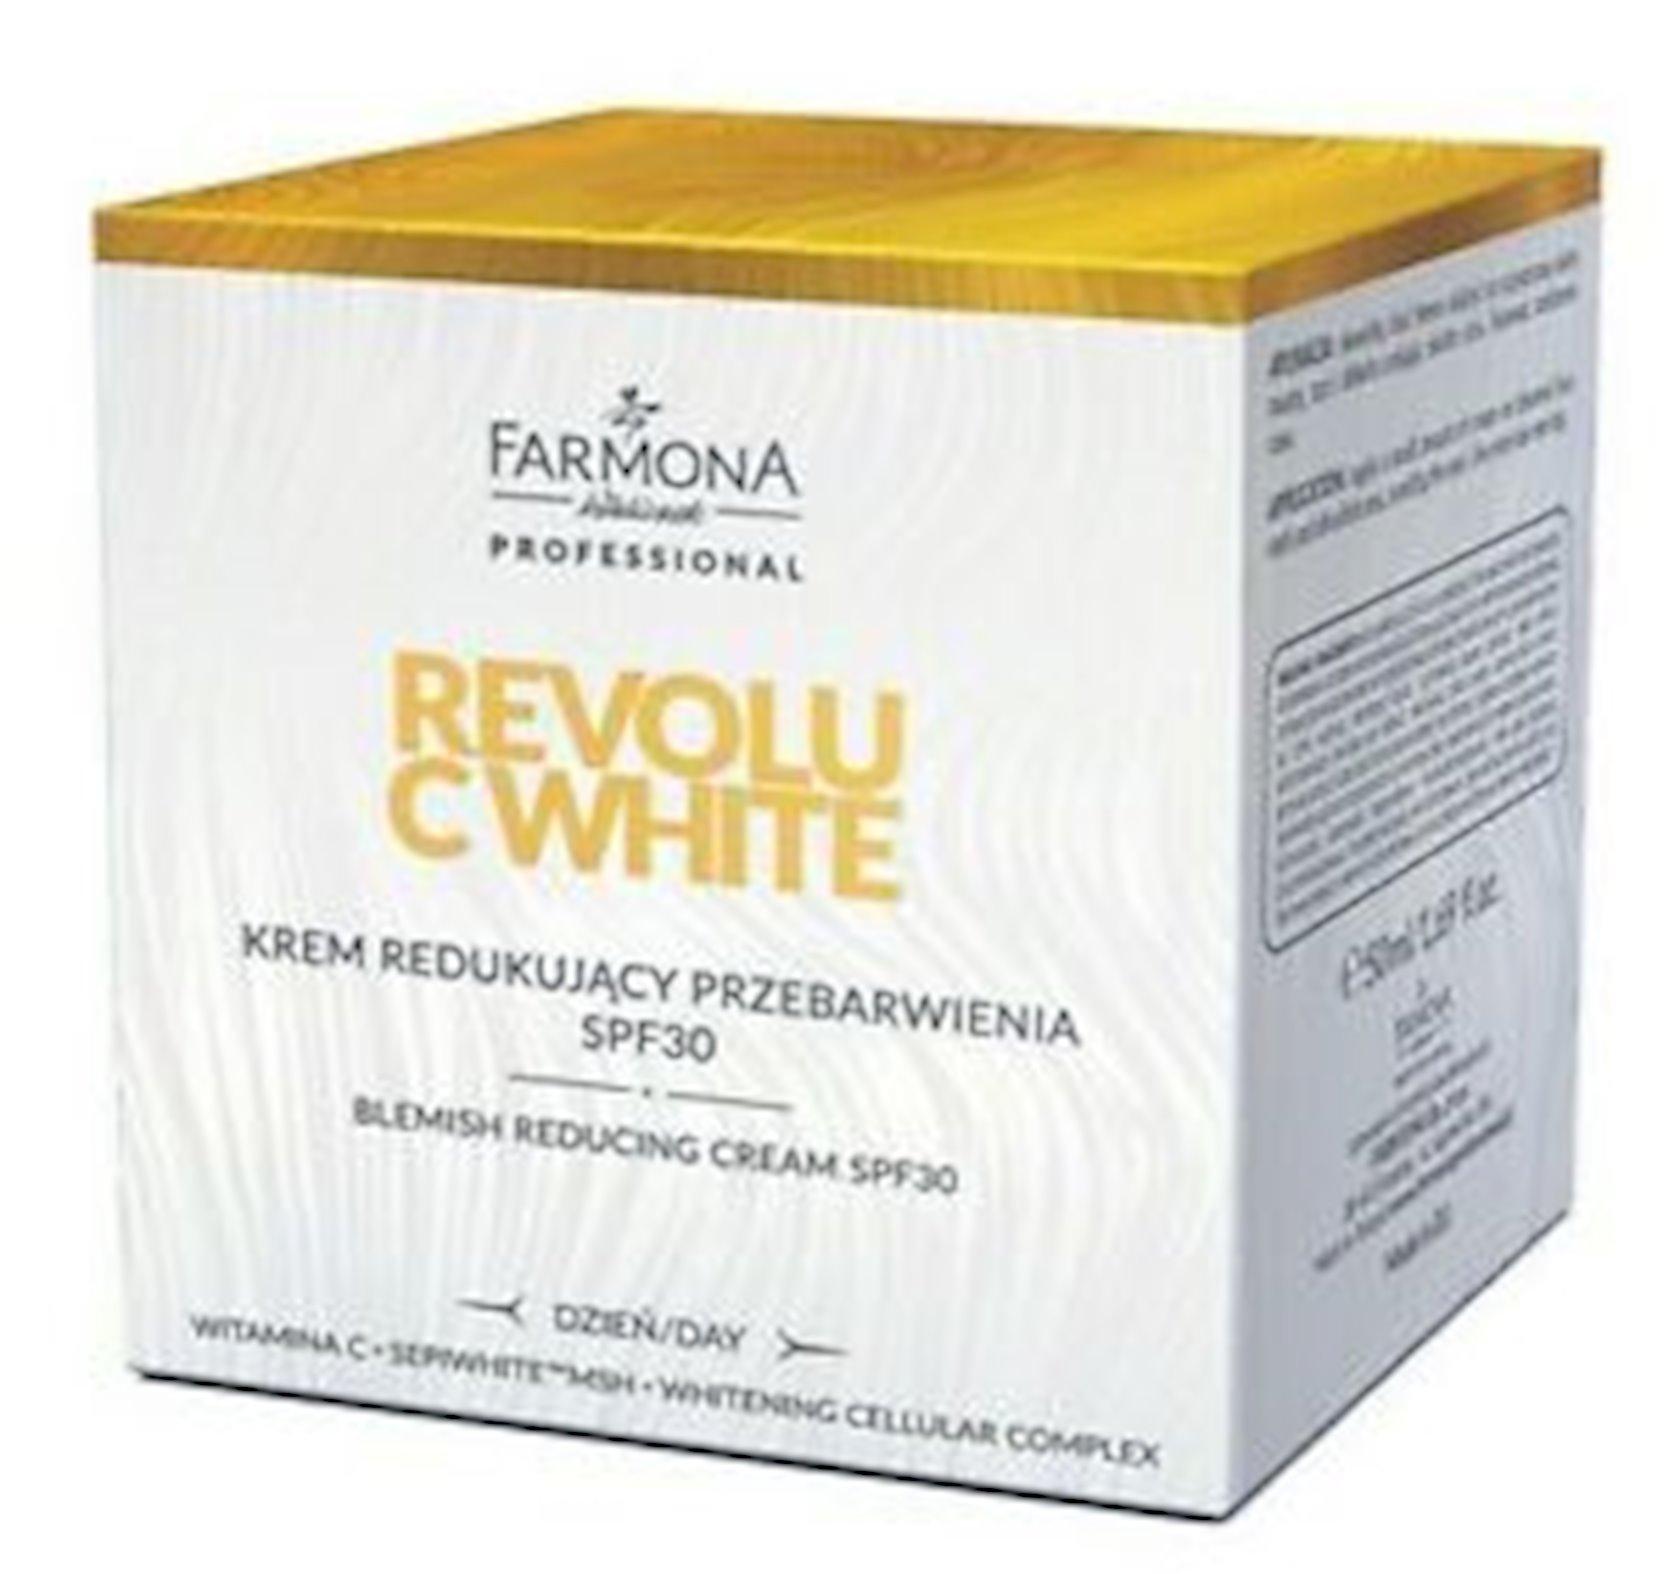 Rəng dəyişməsinə qarşı üz kremi Revolu C White SPF30 50 ml